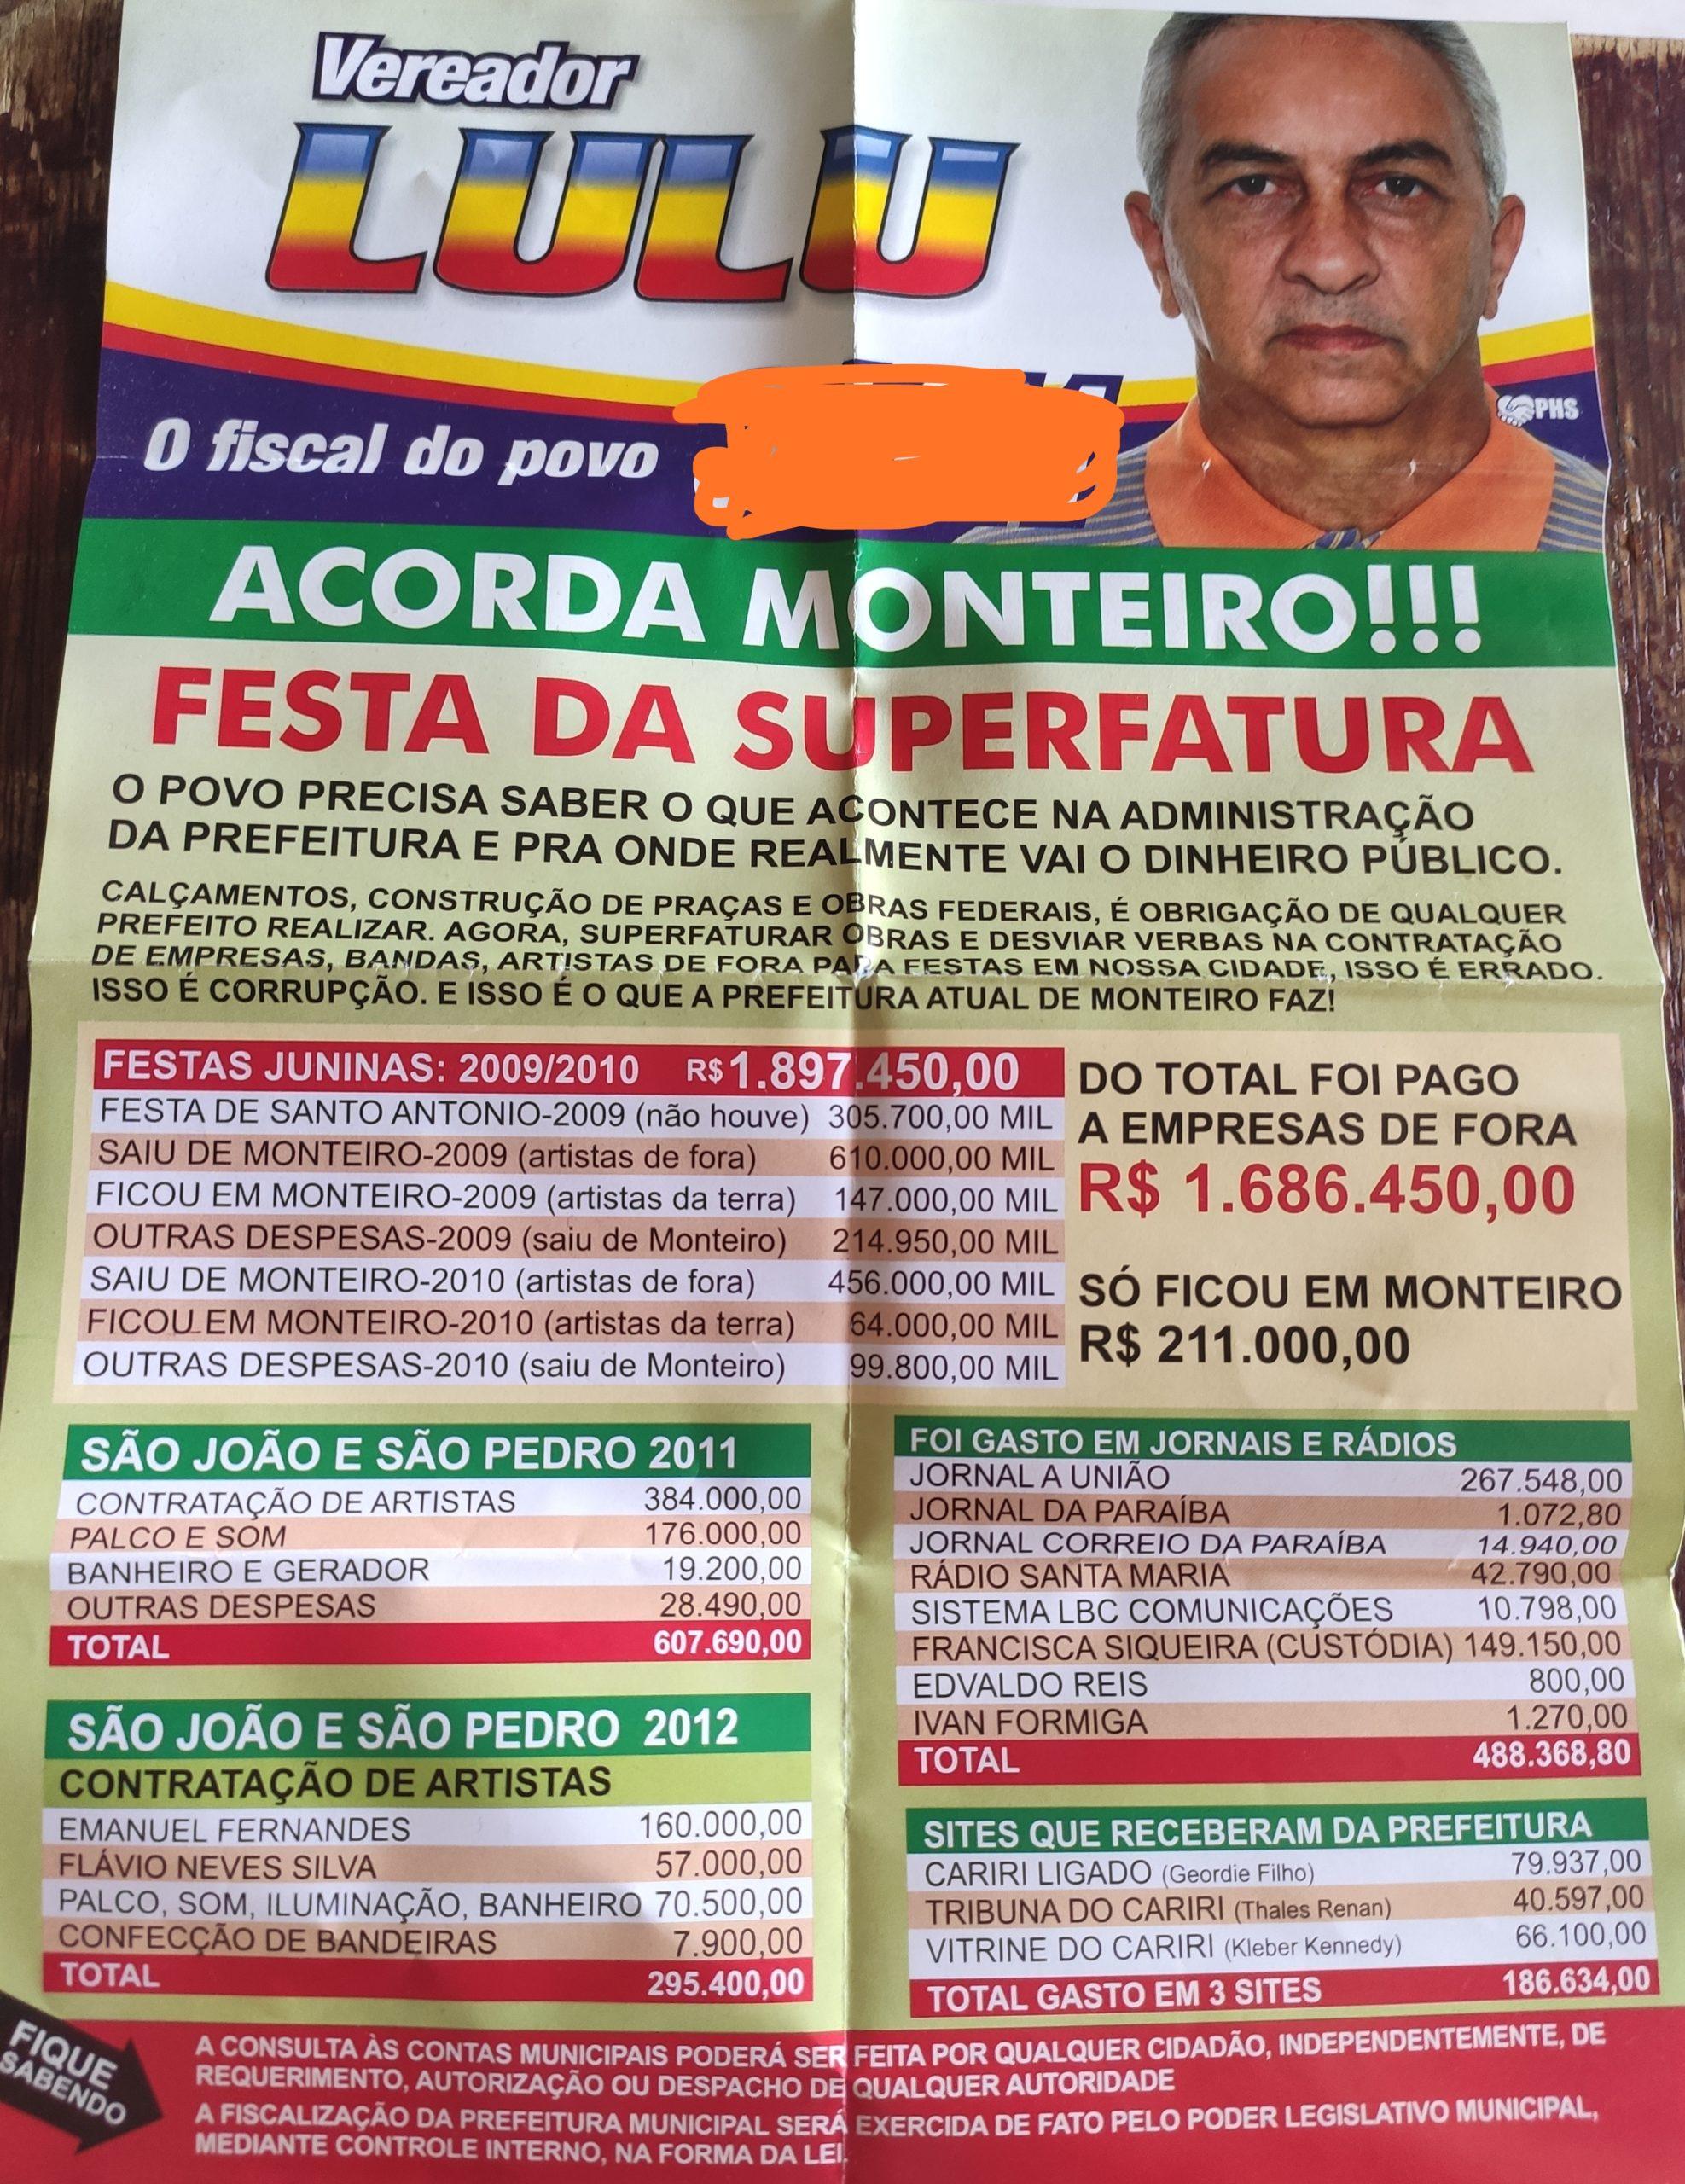 IMG_20201023_133357-scaled Justiça Eleitoral indefere registro de candidatura de Lulu dos Tropicais